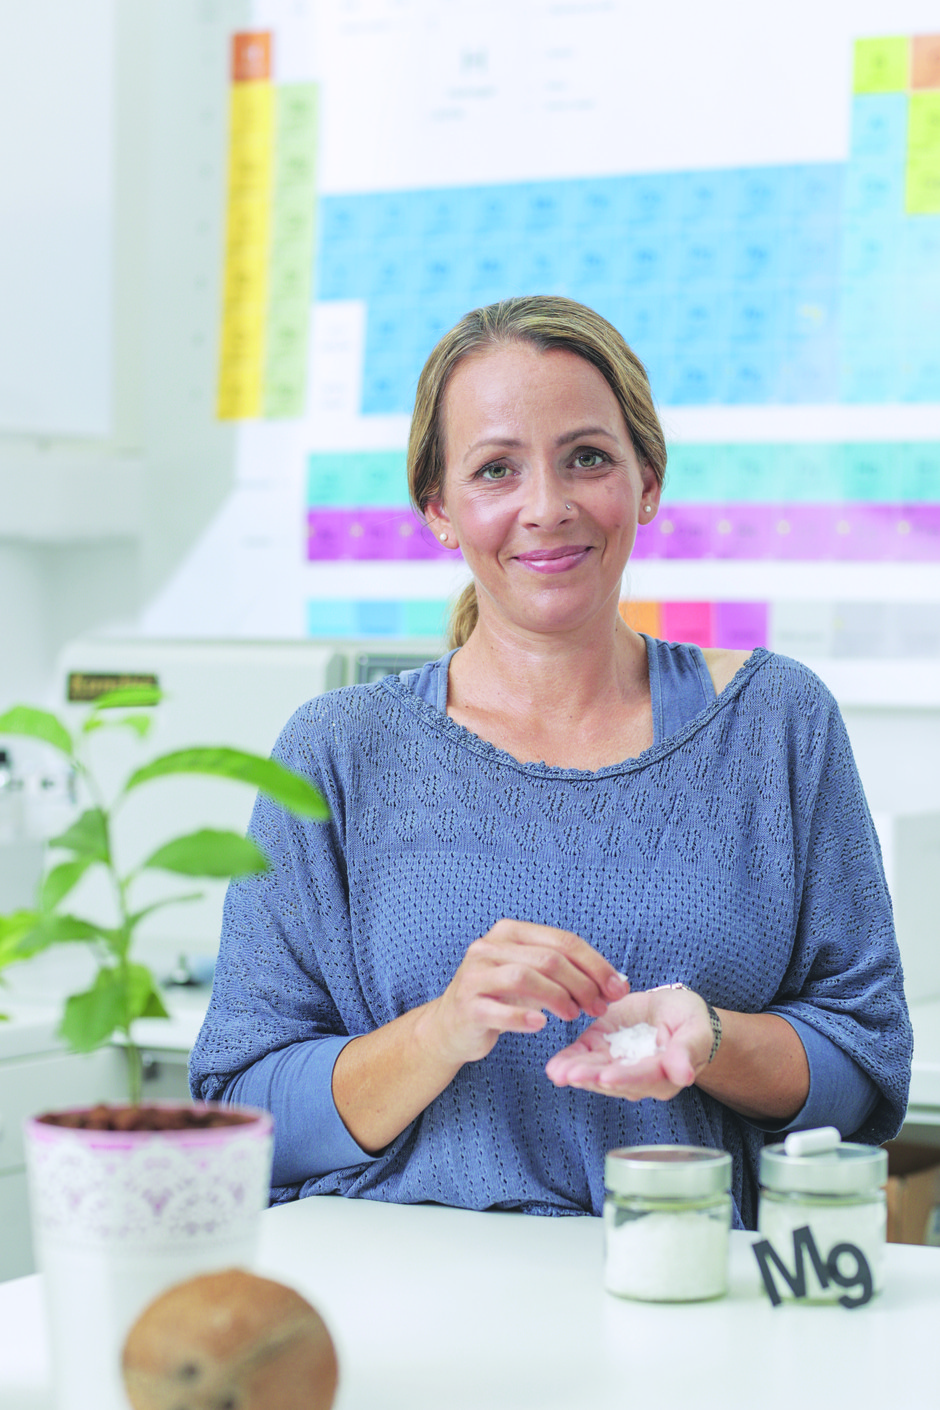 Že veš za slovensko KREMO, ki pomaga pri menstrualnih krčih, nespečnosti in izčrpanosti? 😍 (foto: Promocijsko gradivo)